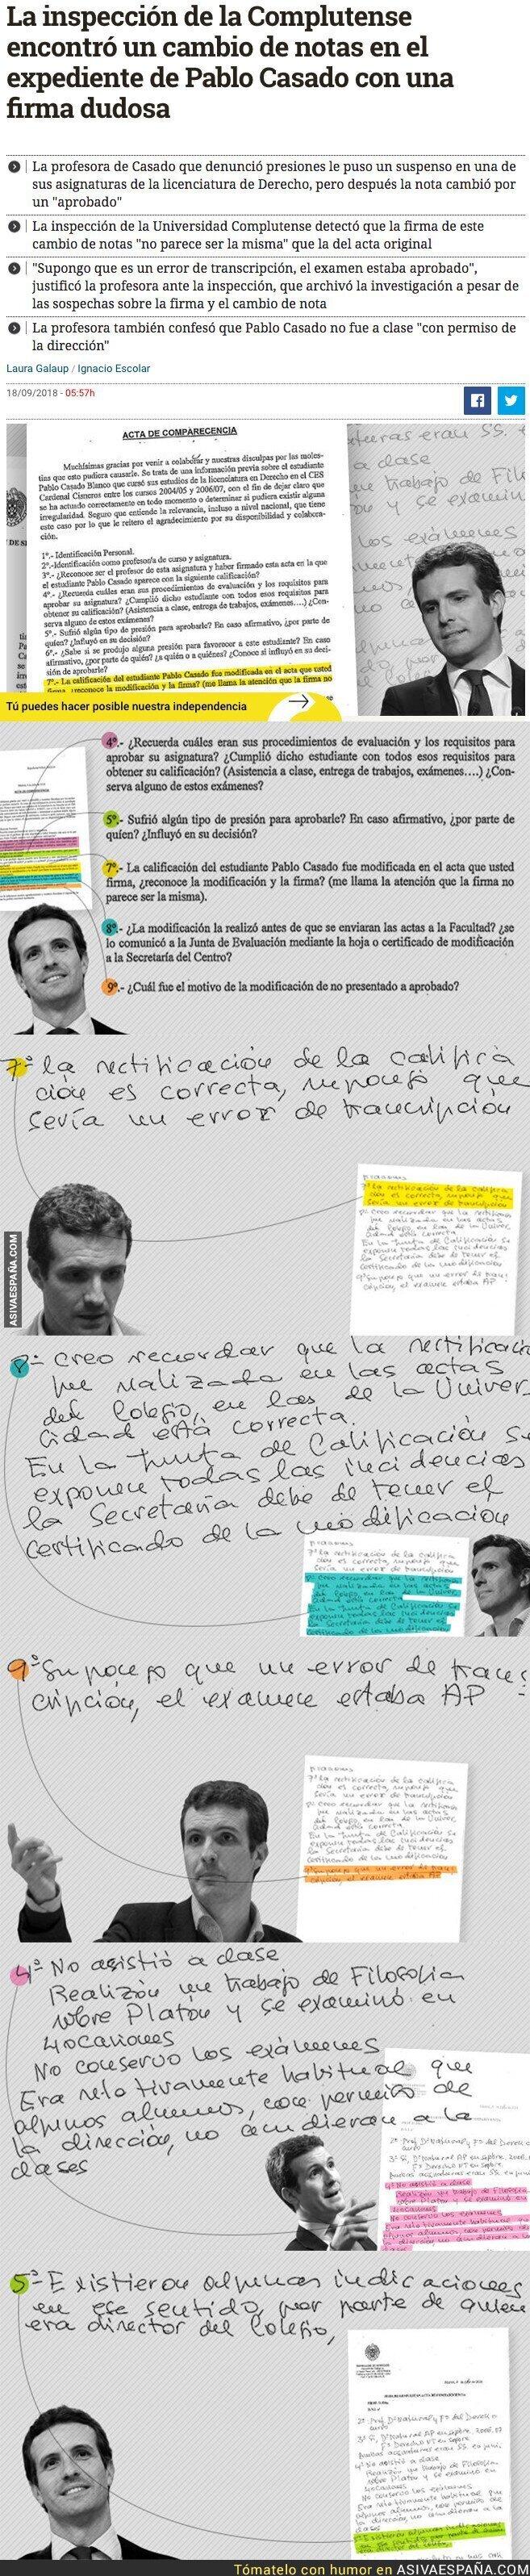 93276 - Encuentran un cambio de notas en el expediente de Pablo Casado